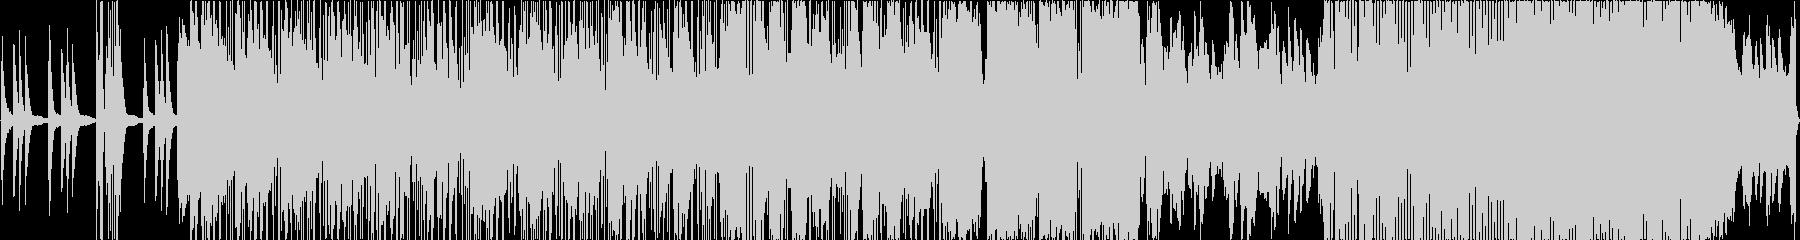 かっこいいオープニング的なエレクトロニカの未再生の波形